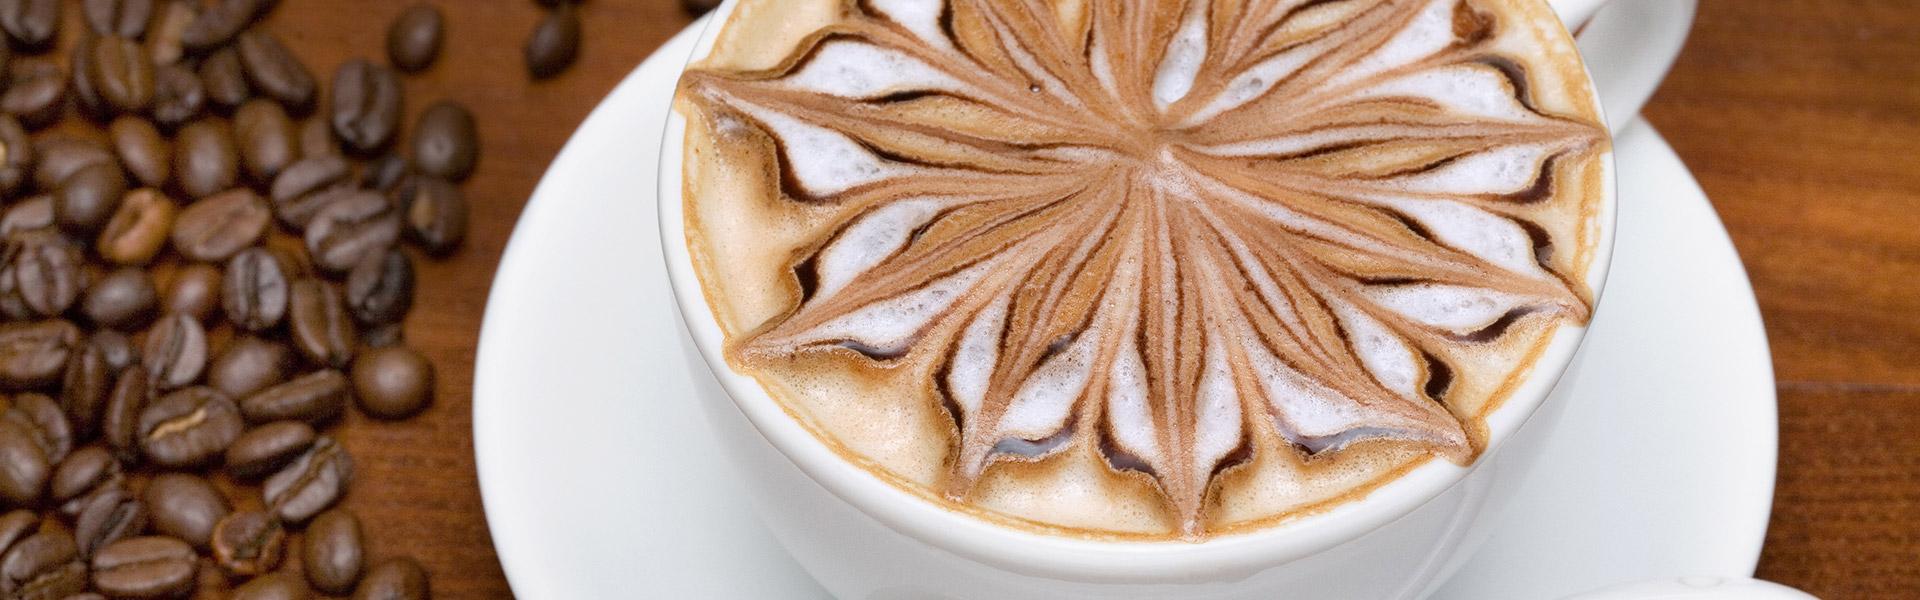 تجربة ماكينة القهوة Delonghi Ec680 لعشاق قهوة الاسبرسو وقهوة الامريكية البوابة الرقمية Adslgate